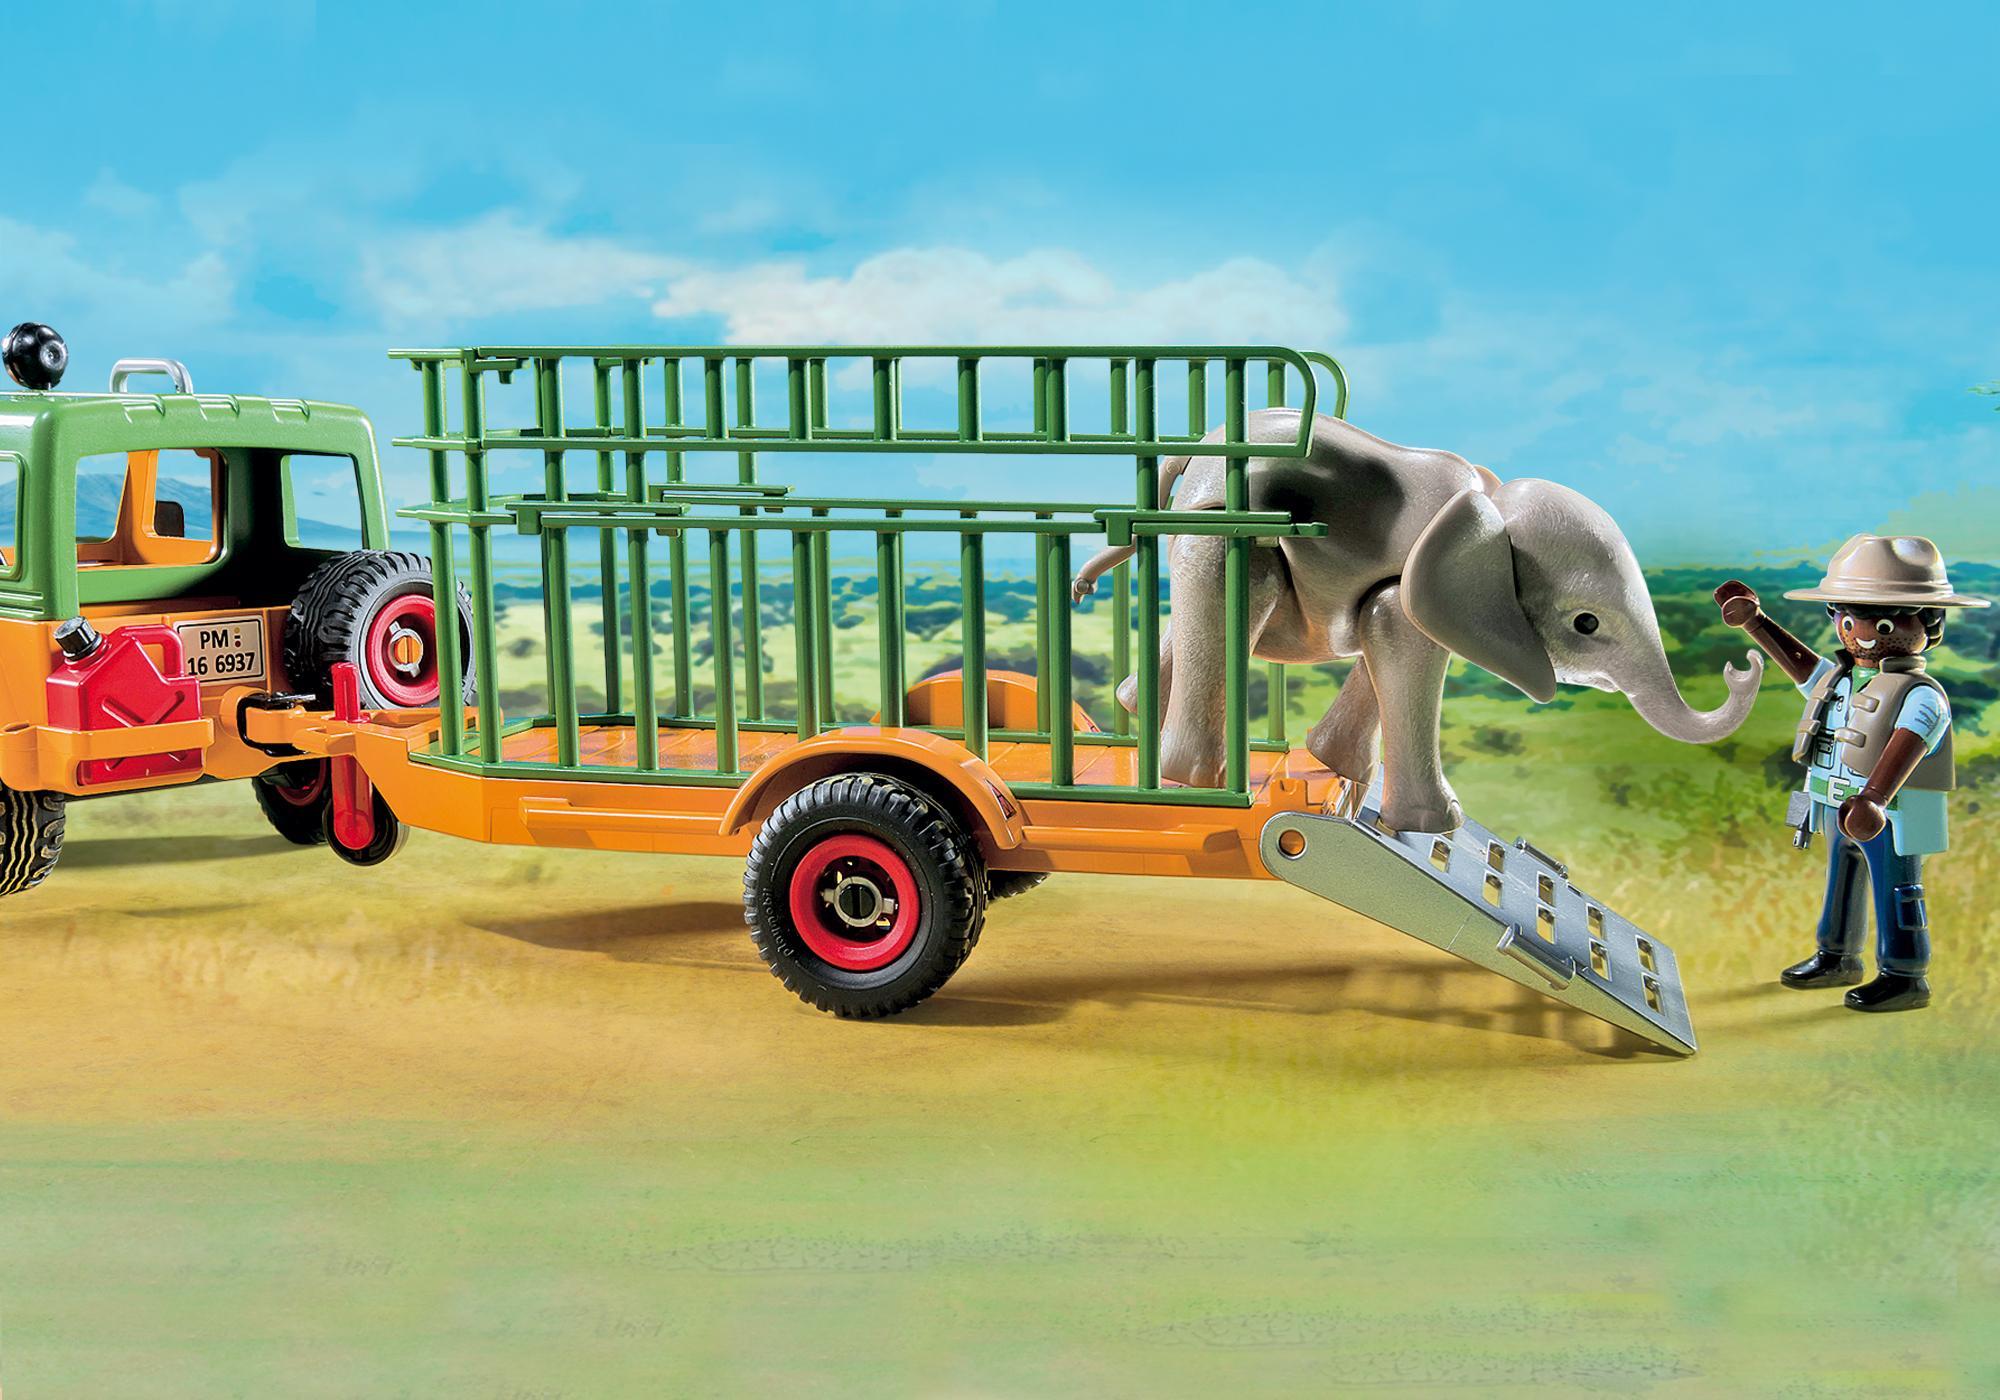 http://media.playmobil.com/i/playmobil/6937_product_extra3/Camión con Elefante